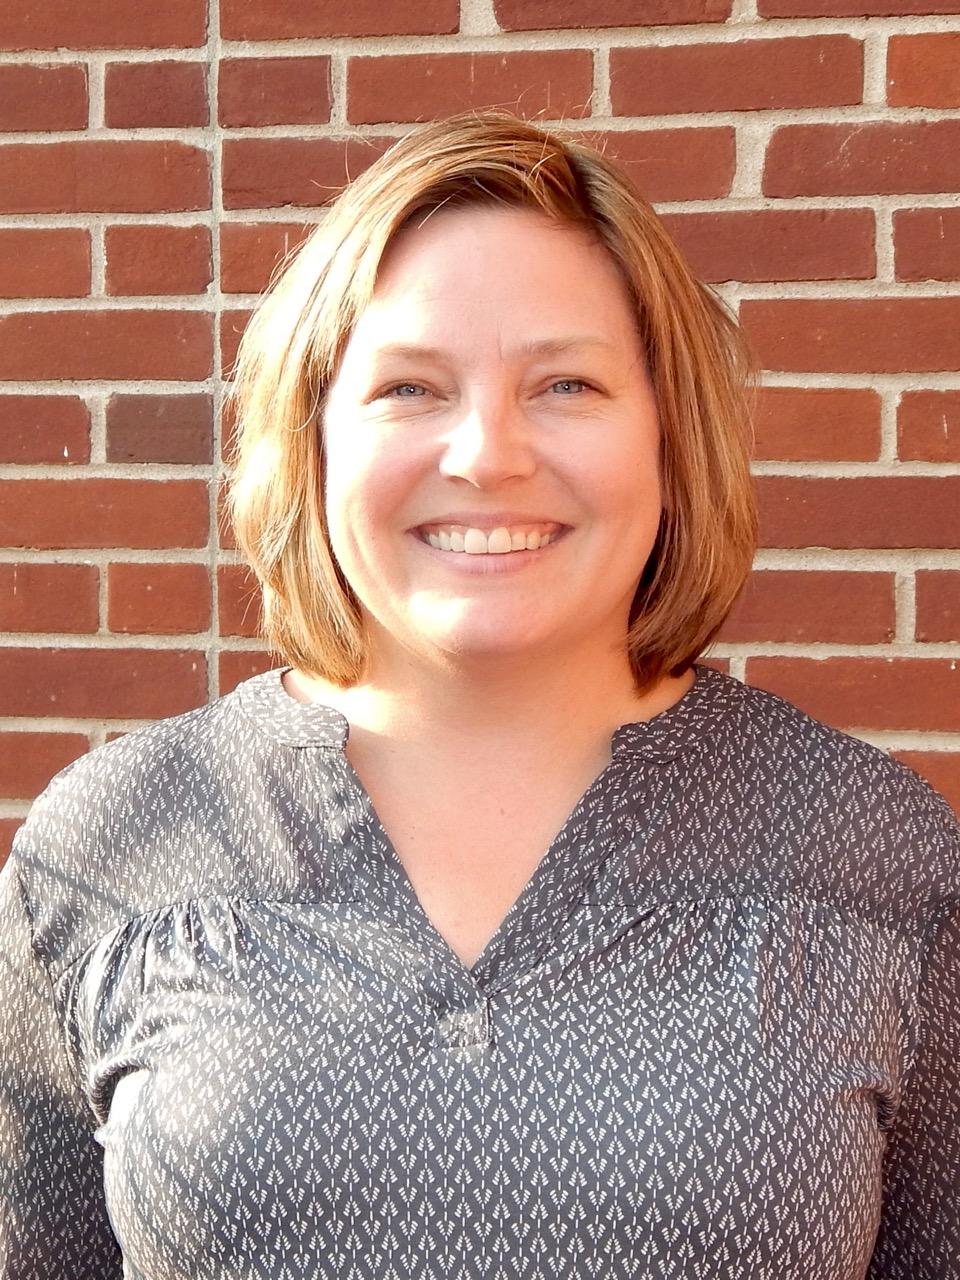 Michelle Schamis